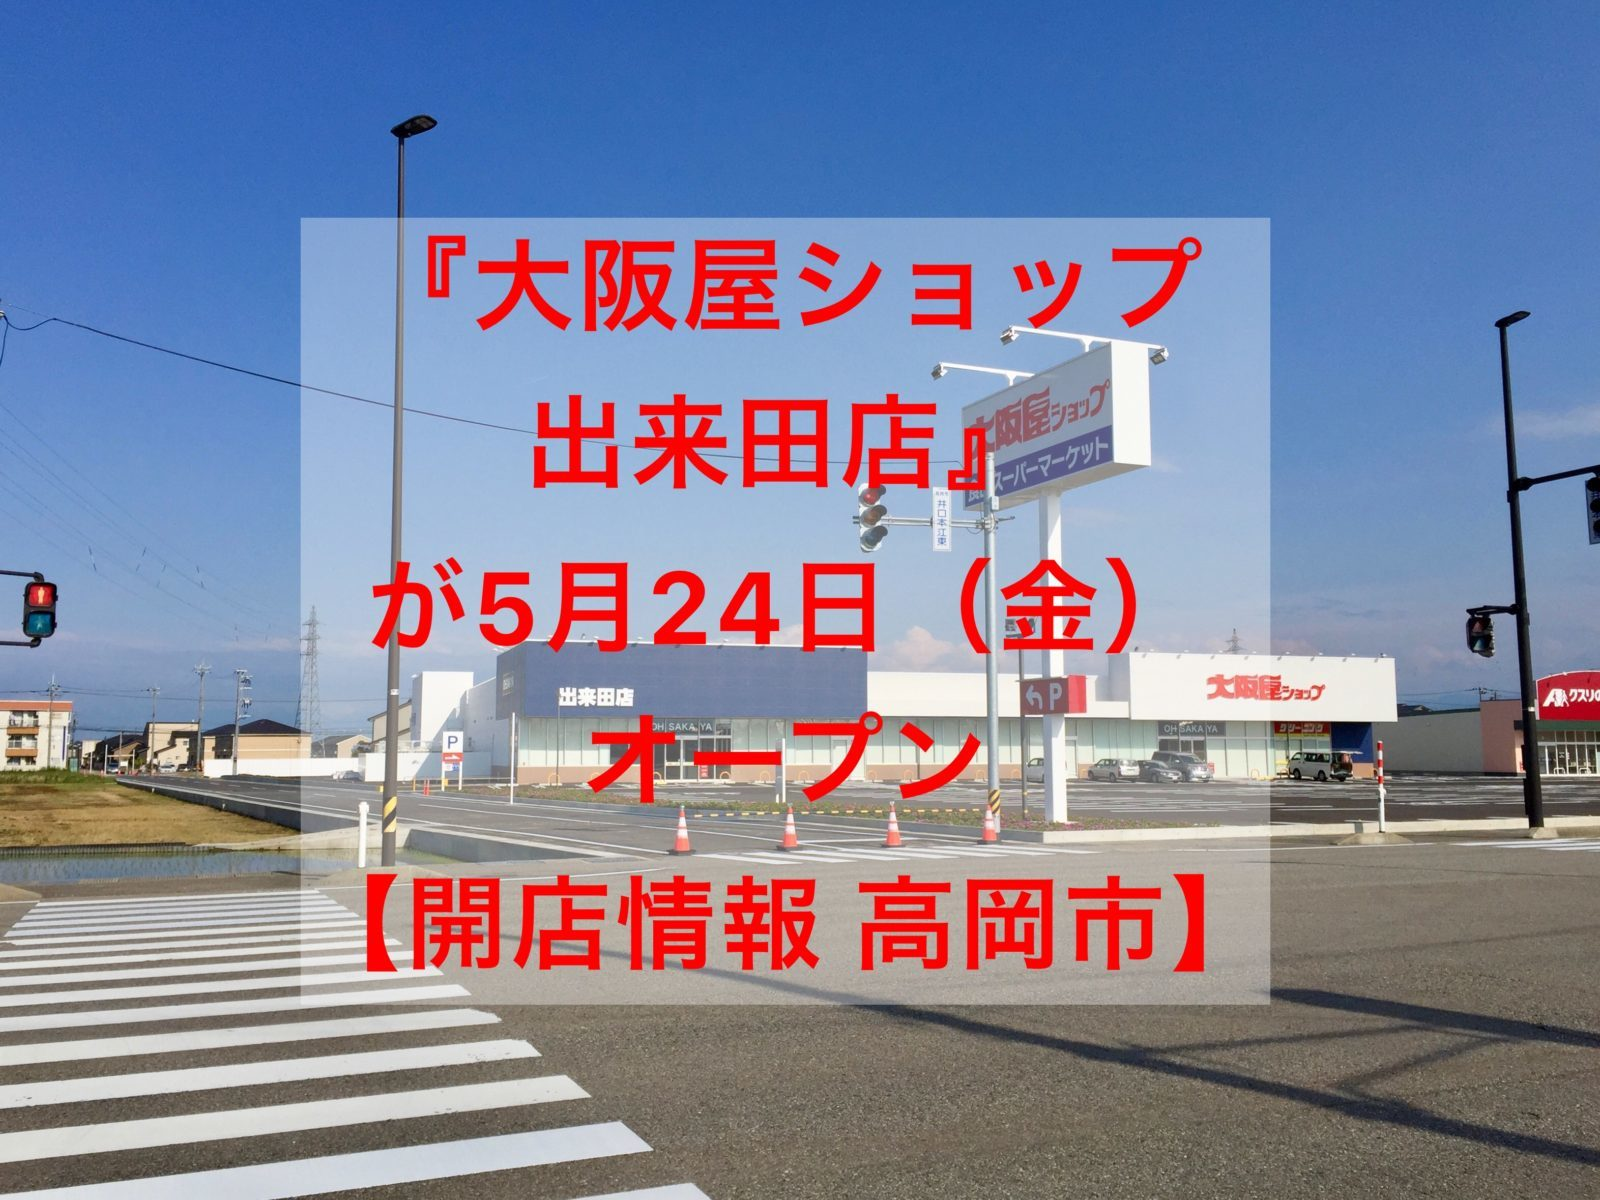 大阪屋ショップ出来田店オープン